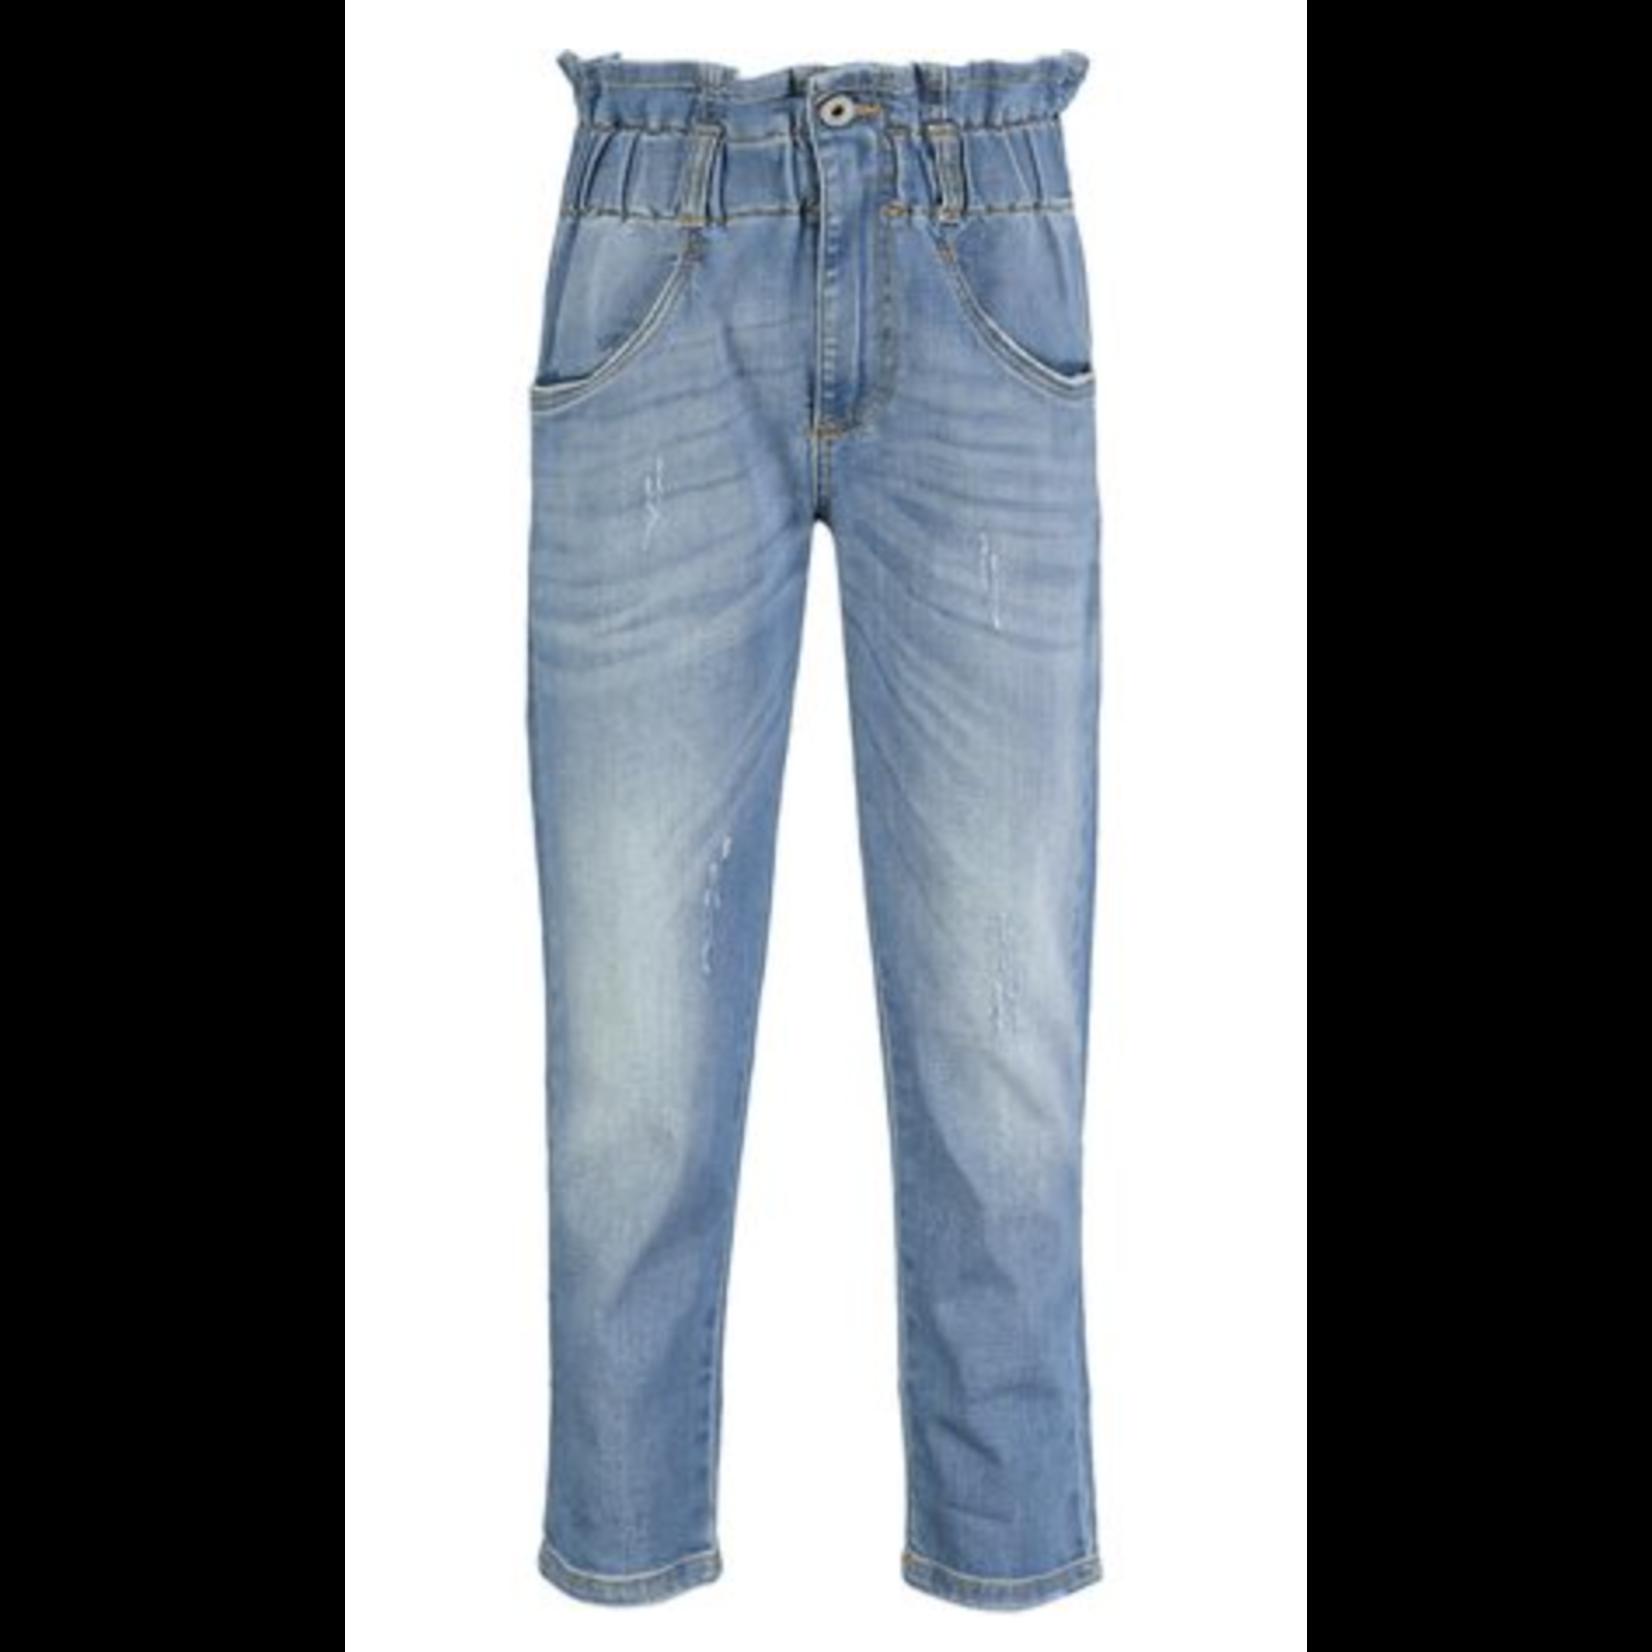 DIXIE Spijkerbroek trend